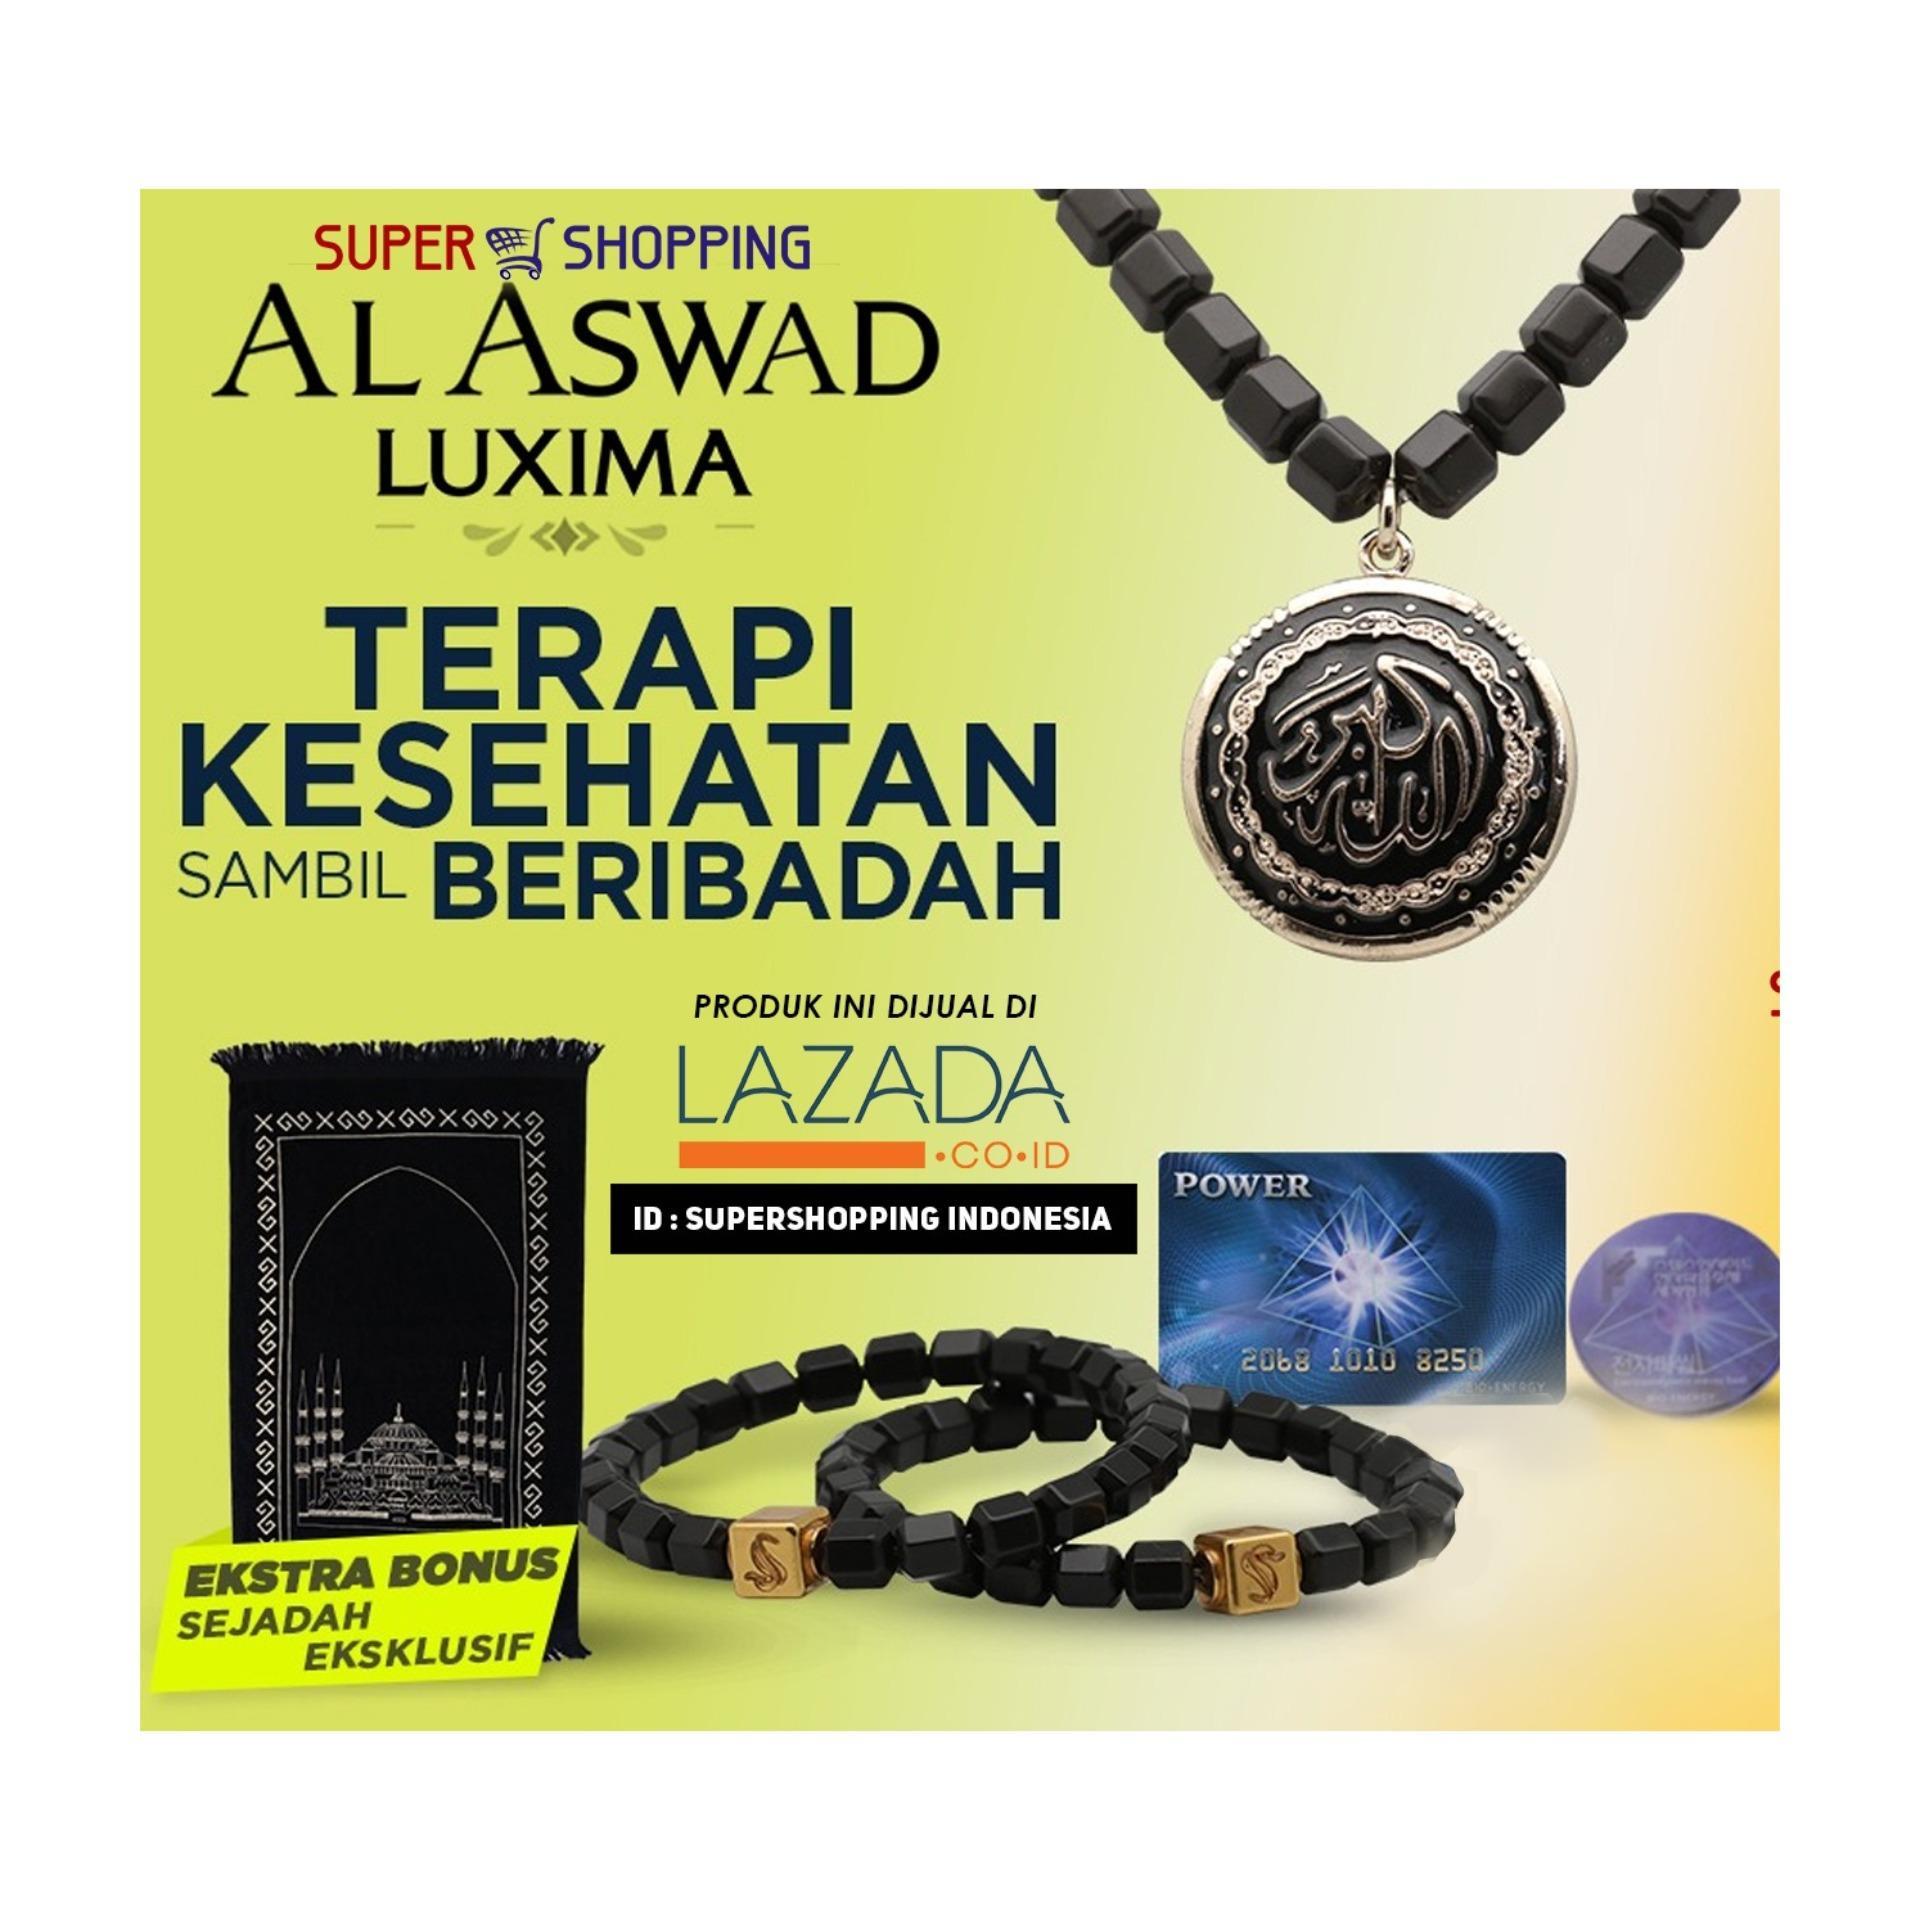 AL ASWAD LUXIMA - ISI 1 Kalung dan GRATIS 2 Gelang Kesehatan dan Sajadah